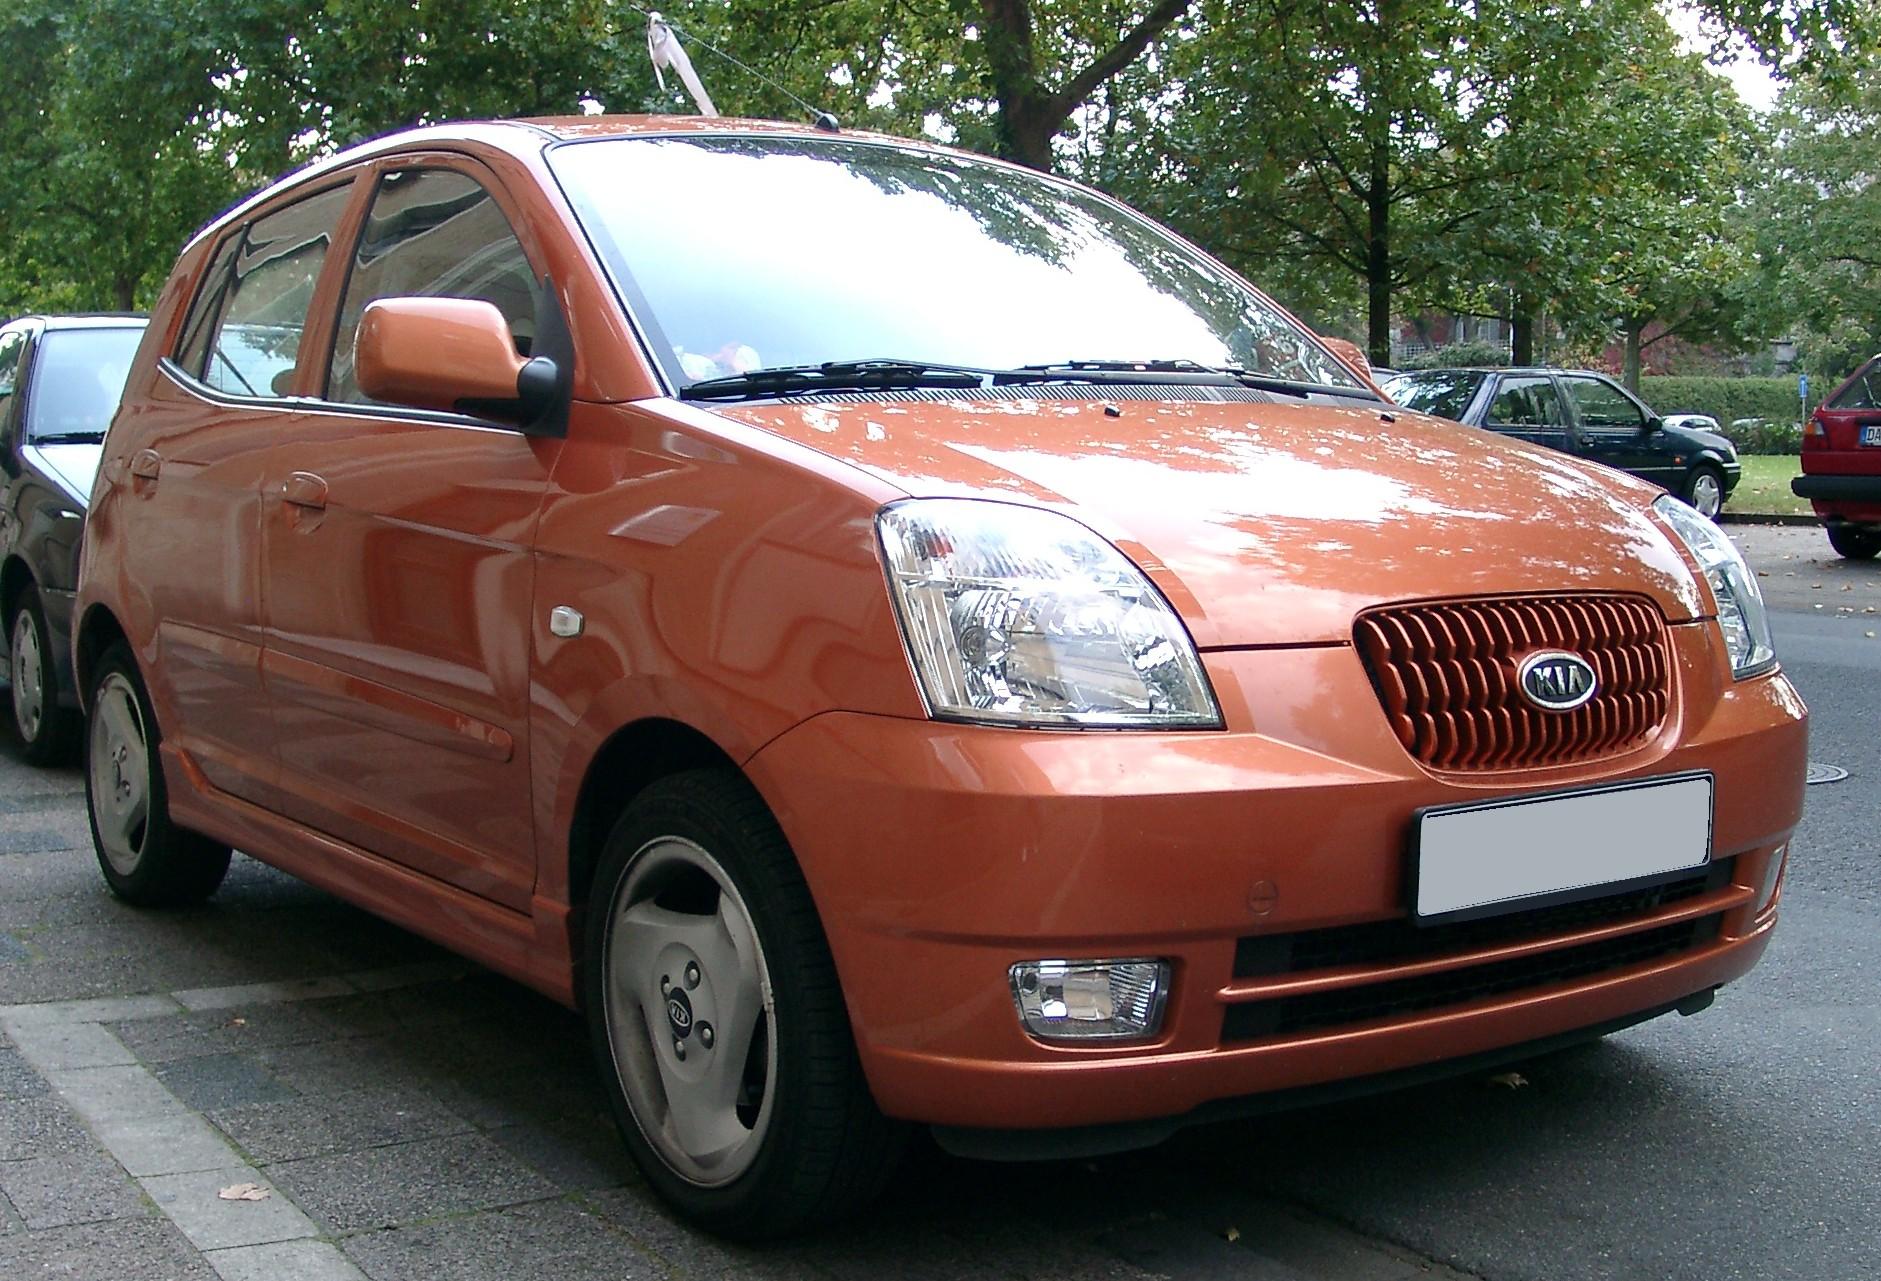 File:Kia Picanto front 20070924.jpg